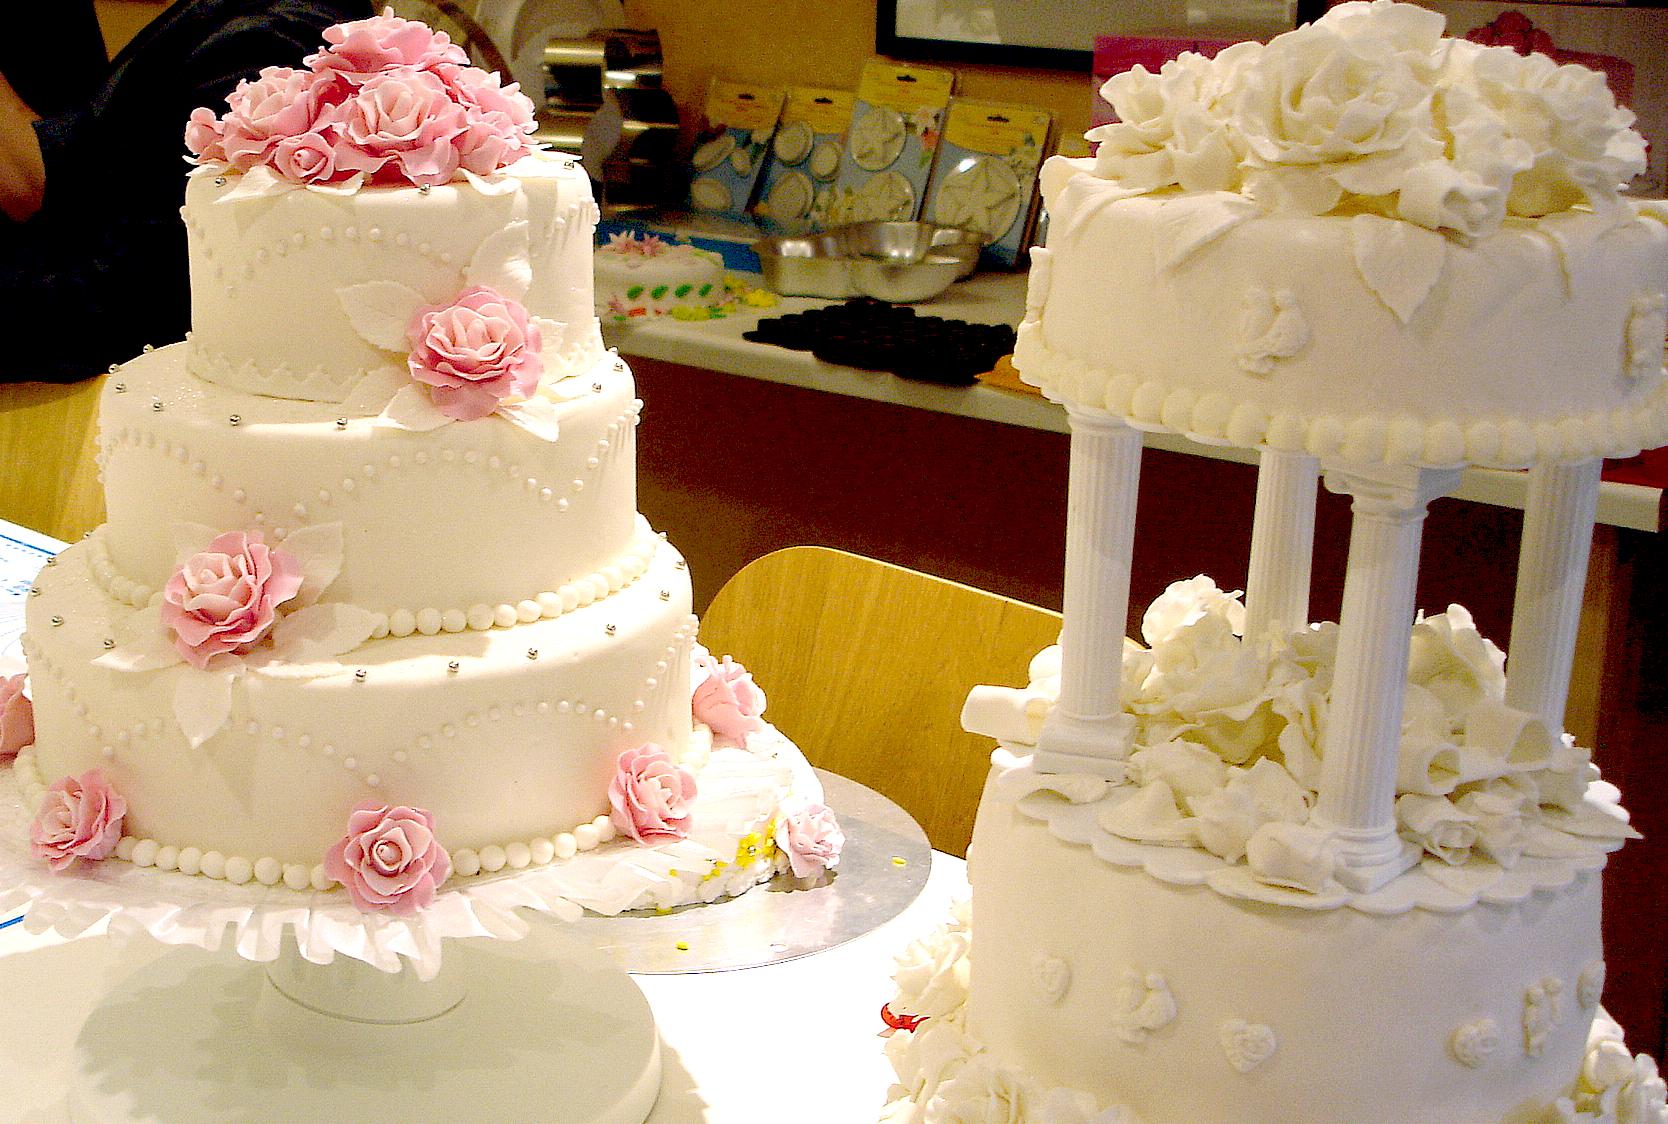 Hochzeitstorten Preise Gallery Pictures to pin on Pinterest